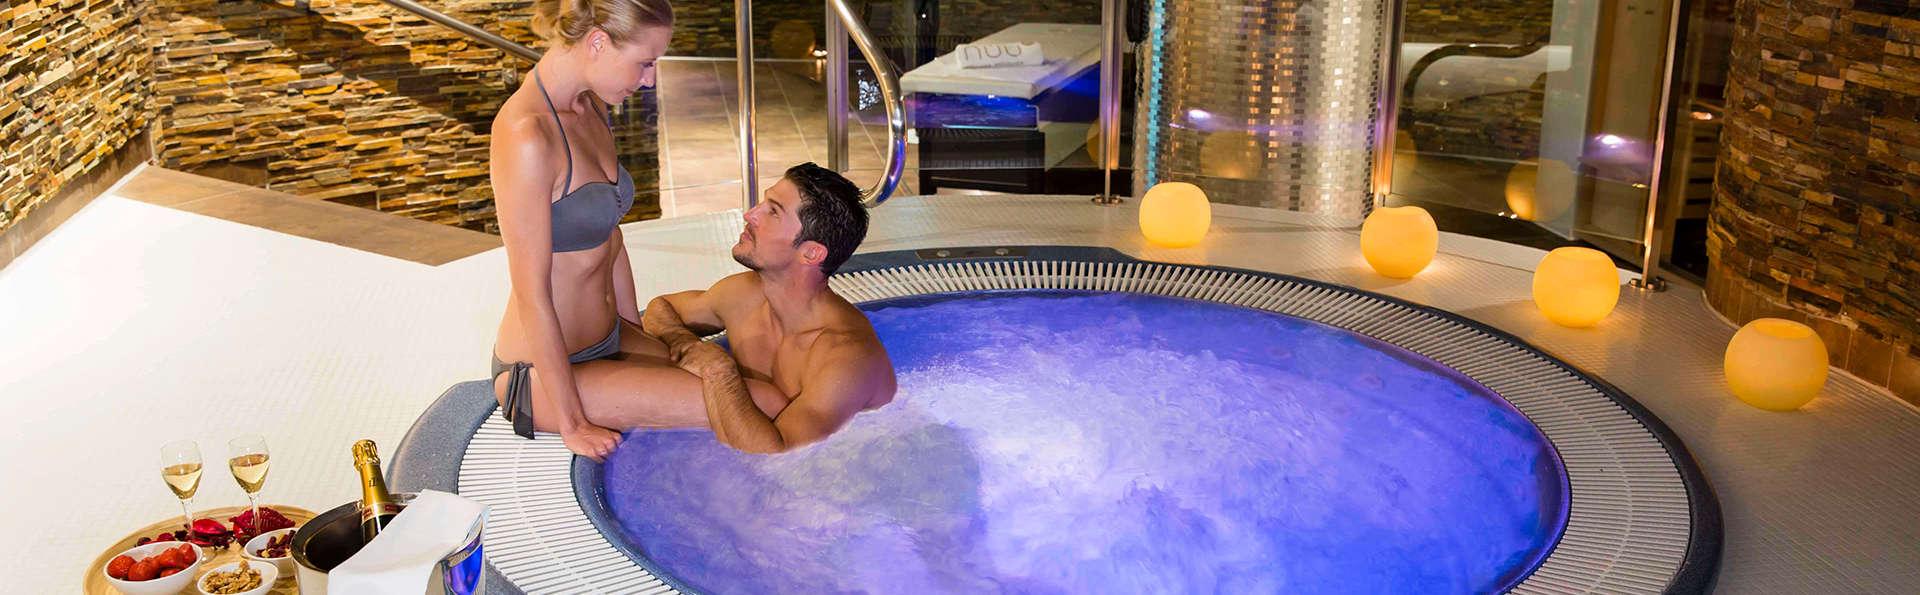 Partez en Week-end romantique à Anyós-La Massana avec accès au circuit thermal Caldea